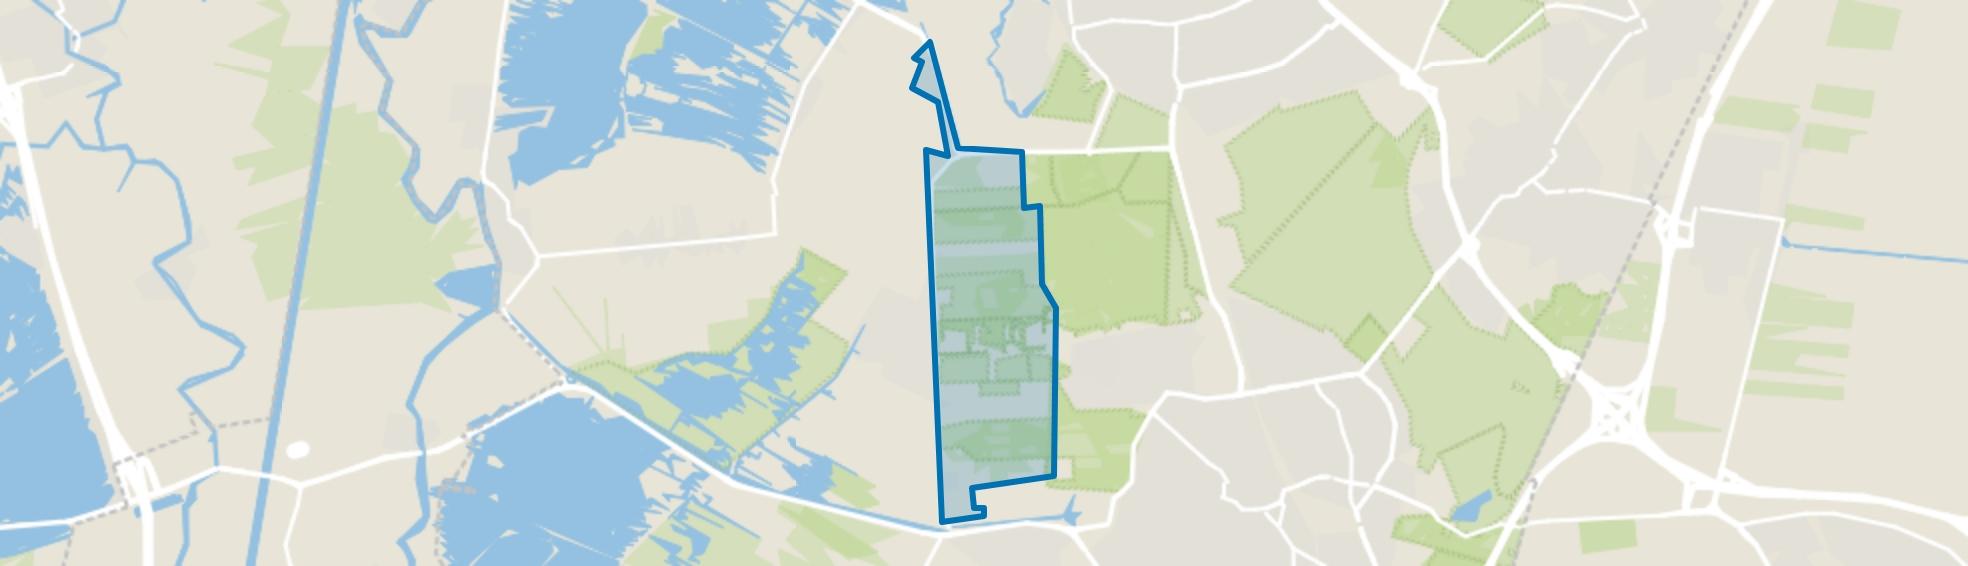 's-Graveland, 's-Graveland map